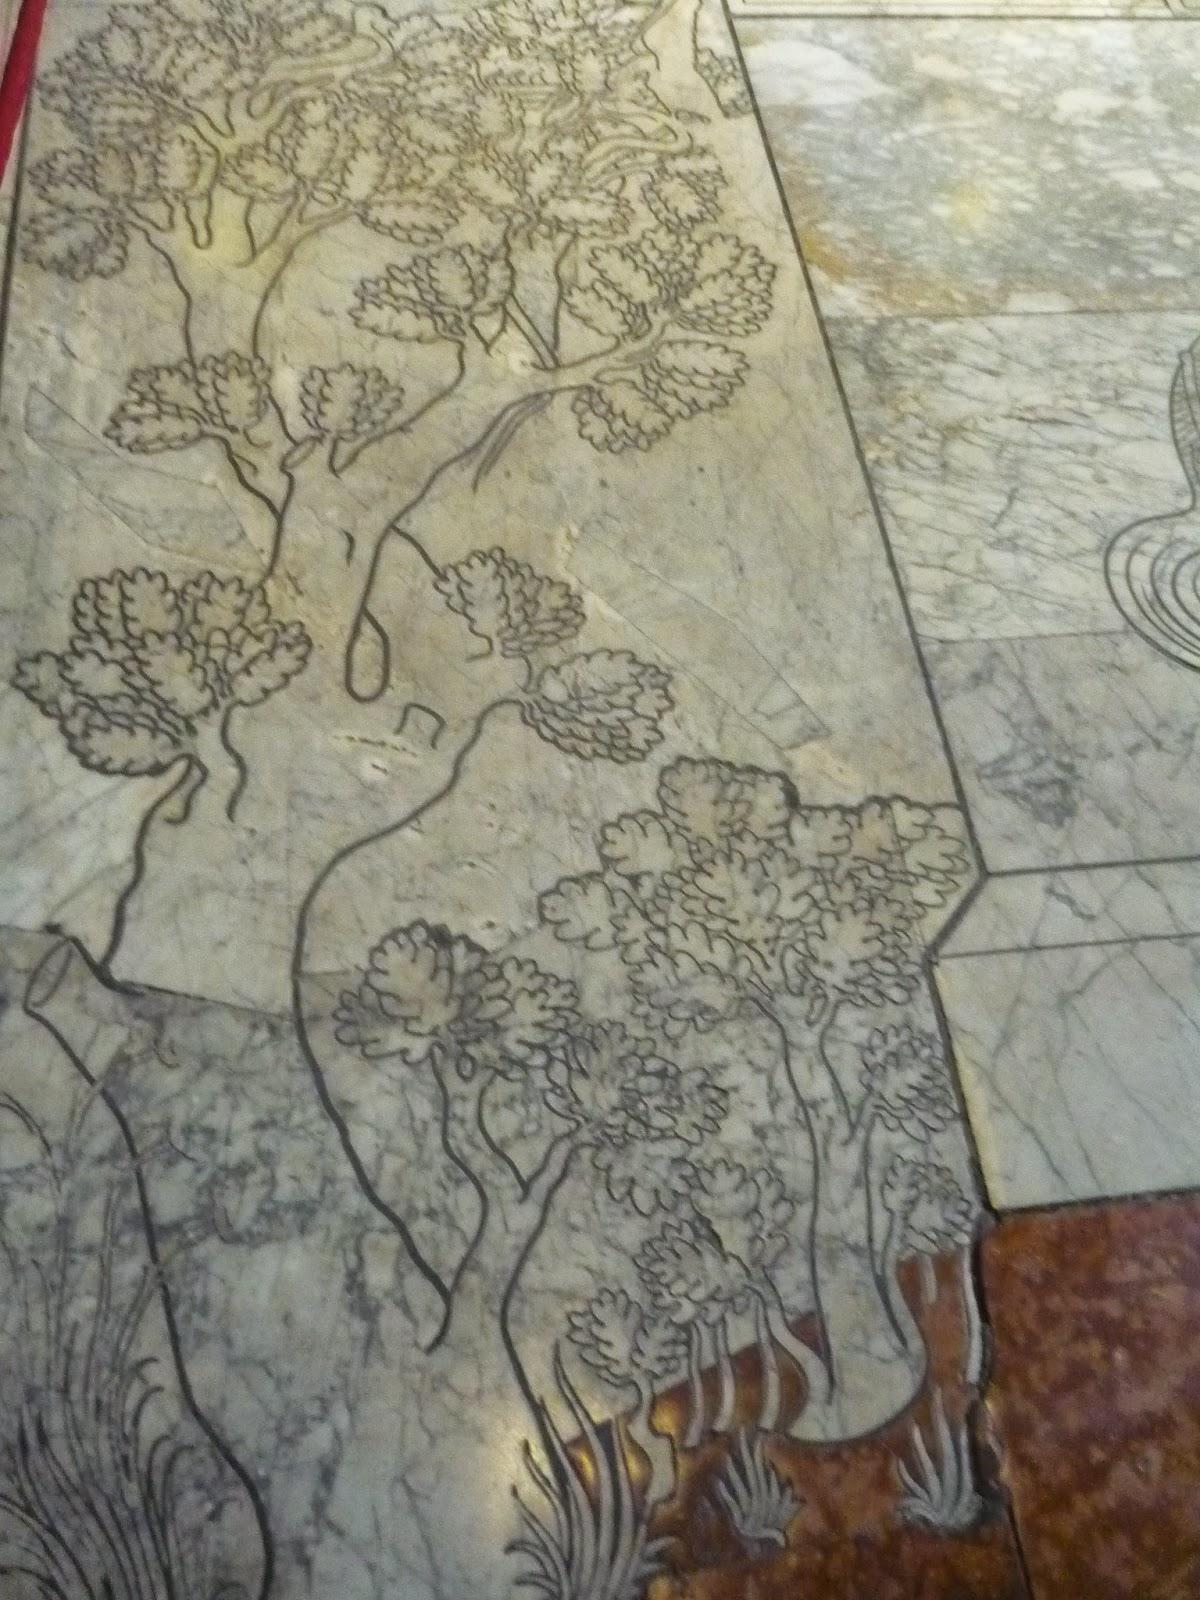 Huellas de árbol (Suelo del Duomo de Siena), 2010 Beatriz